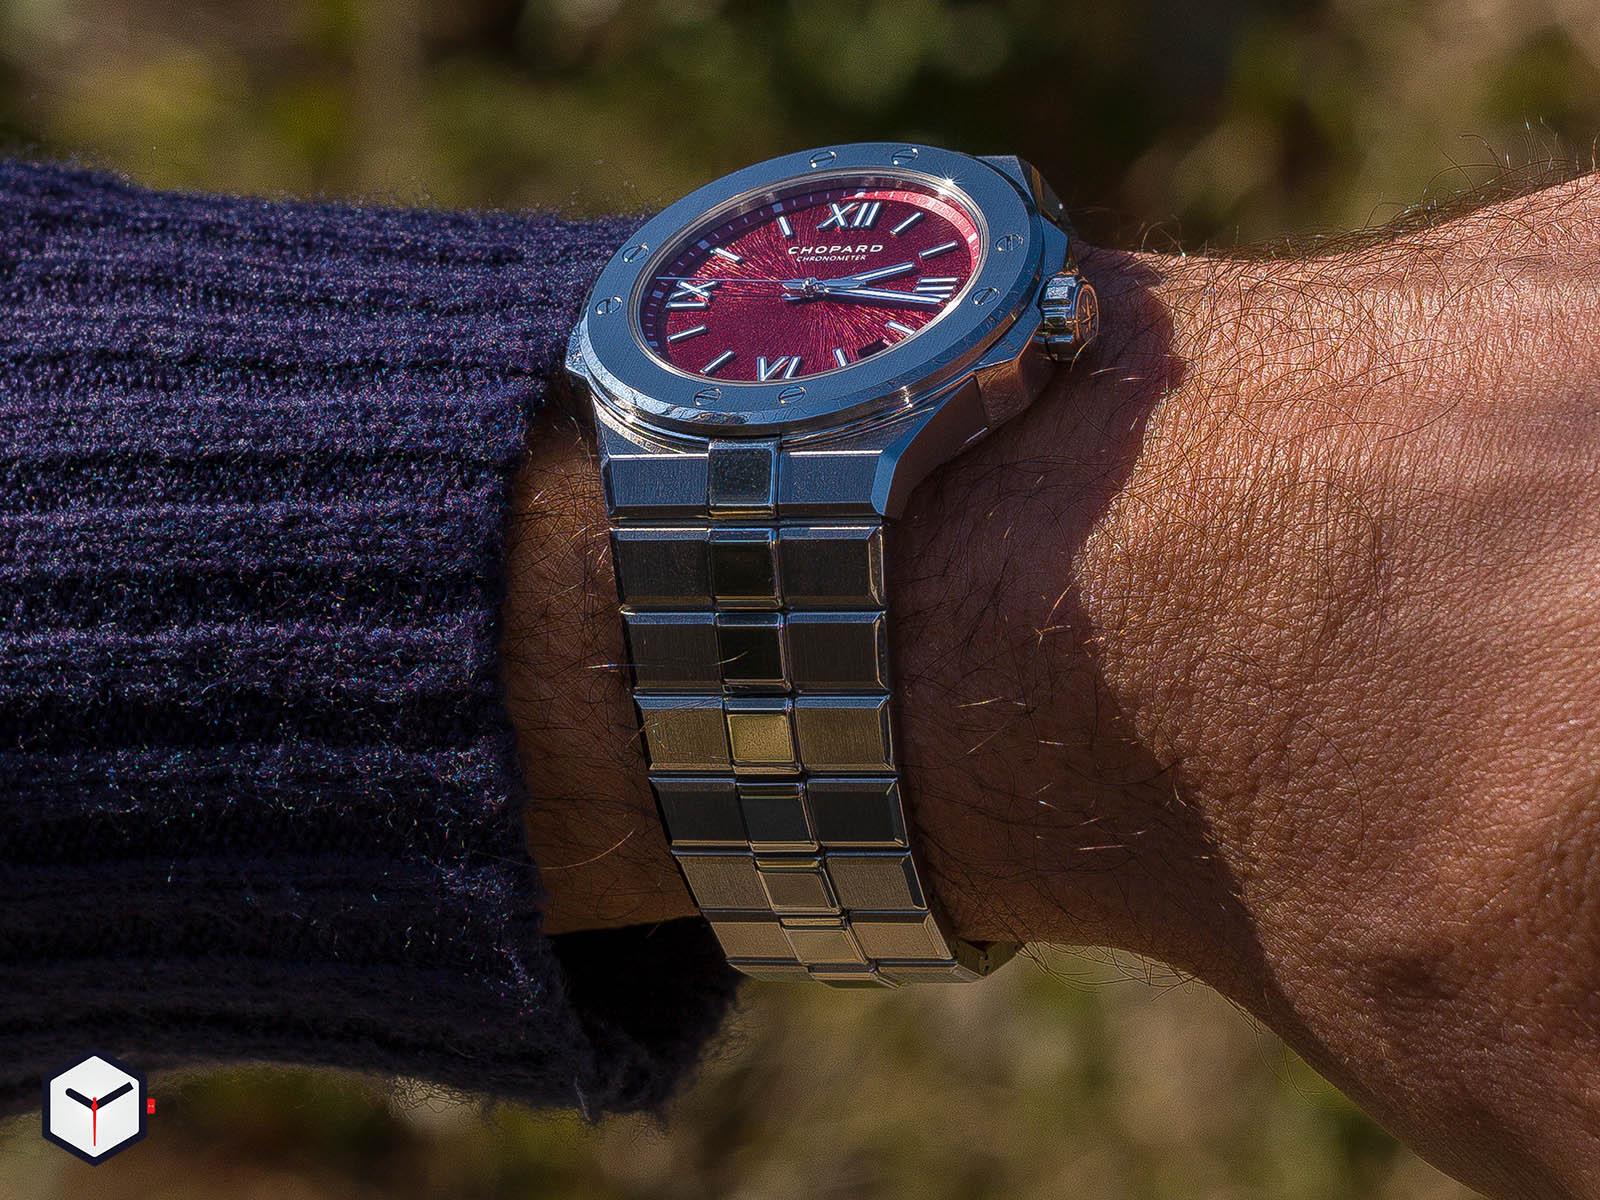 chopard-alpine-eagle-horobox-limited-edition-7.jpg